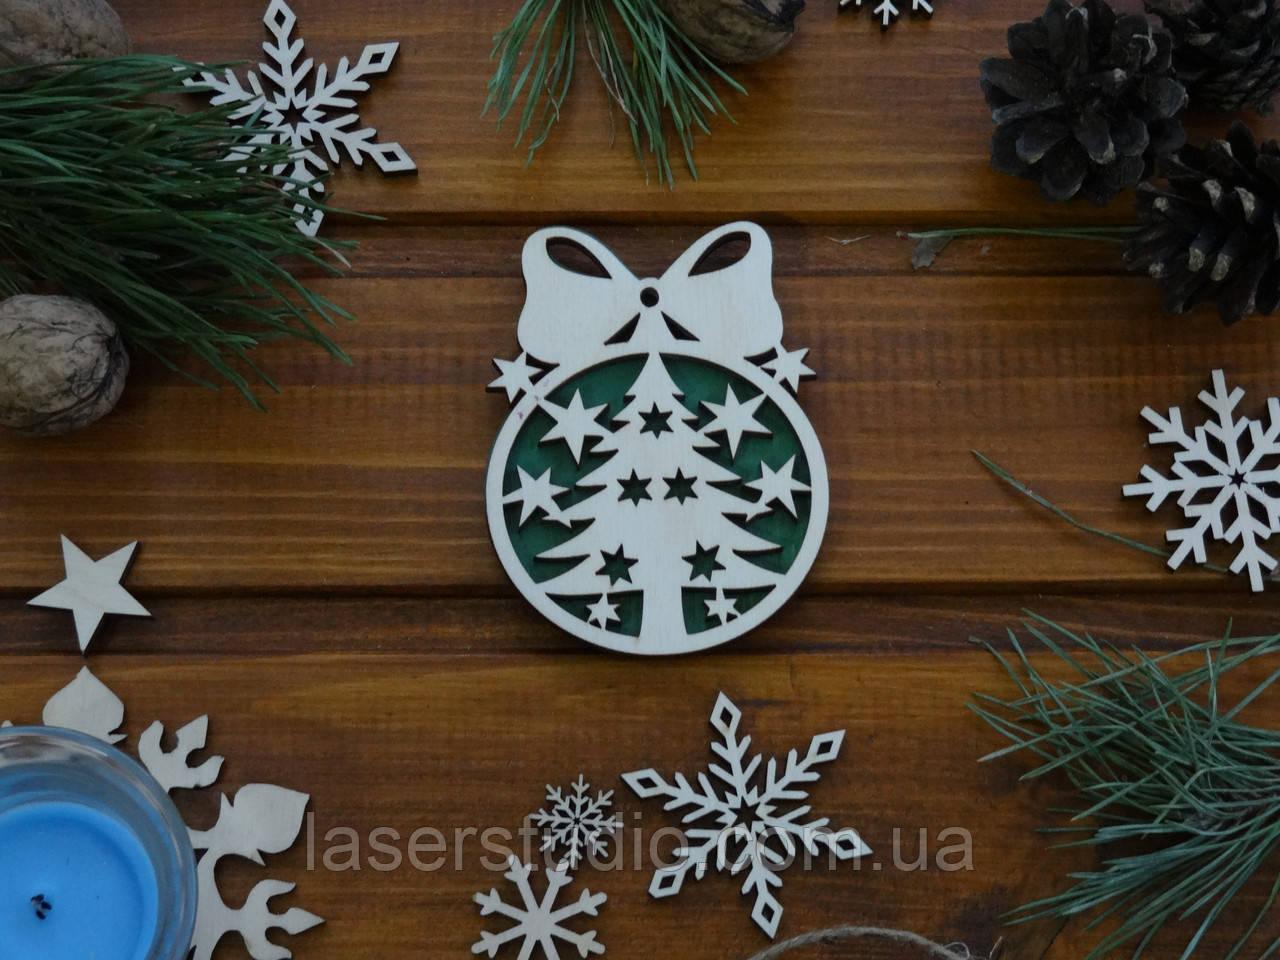 Деревянное елочное украшение Елка с Бантиком №51 с Зеленым фоном